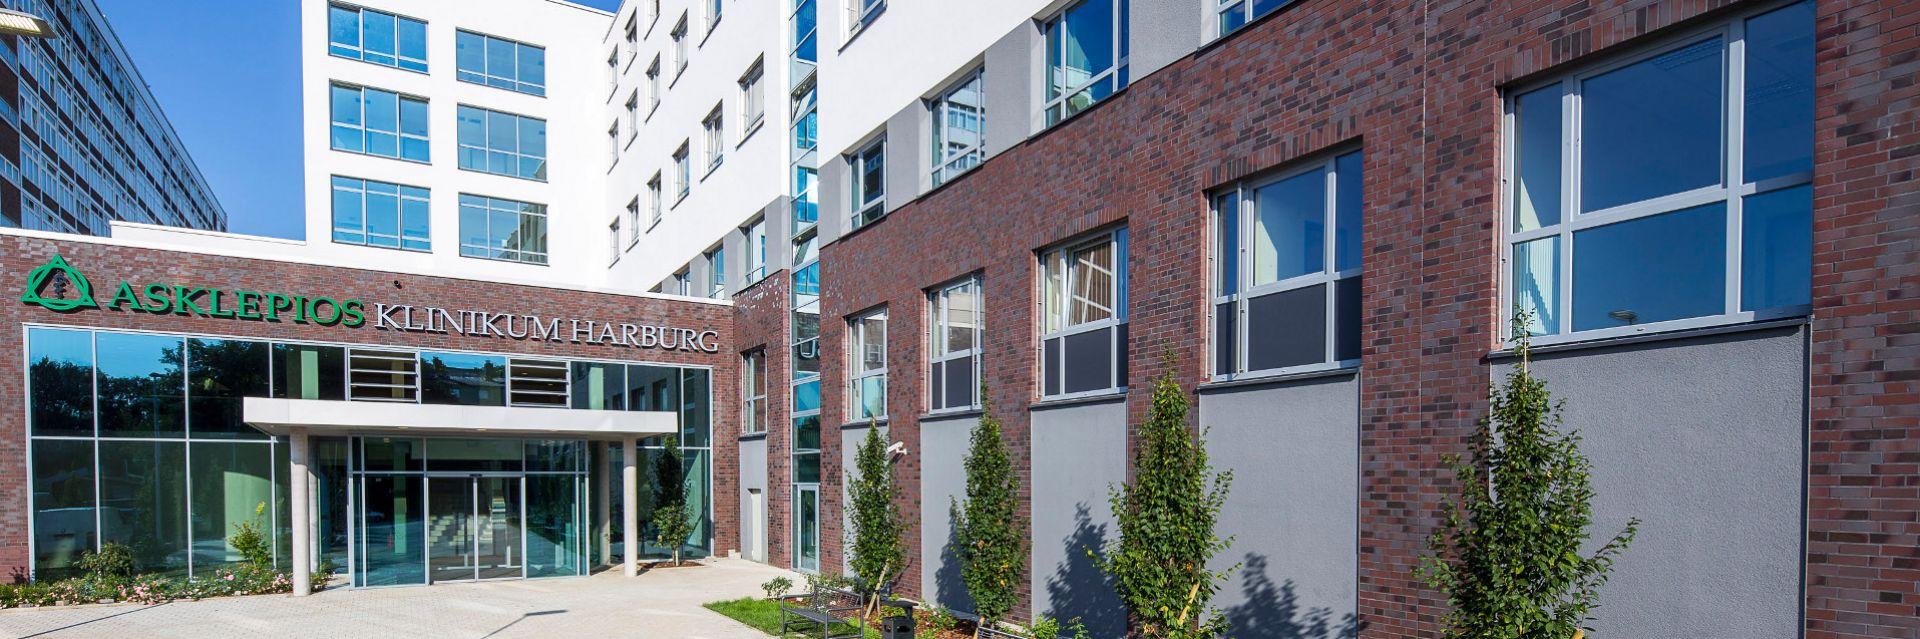 Asklepios Klinik Harburg